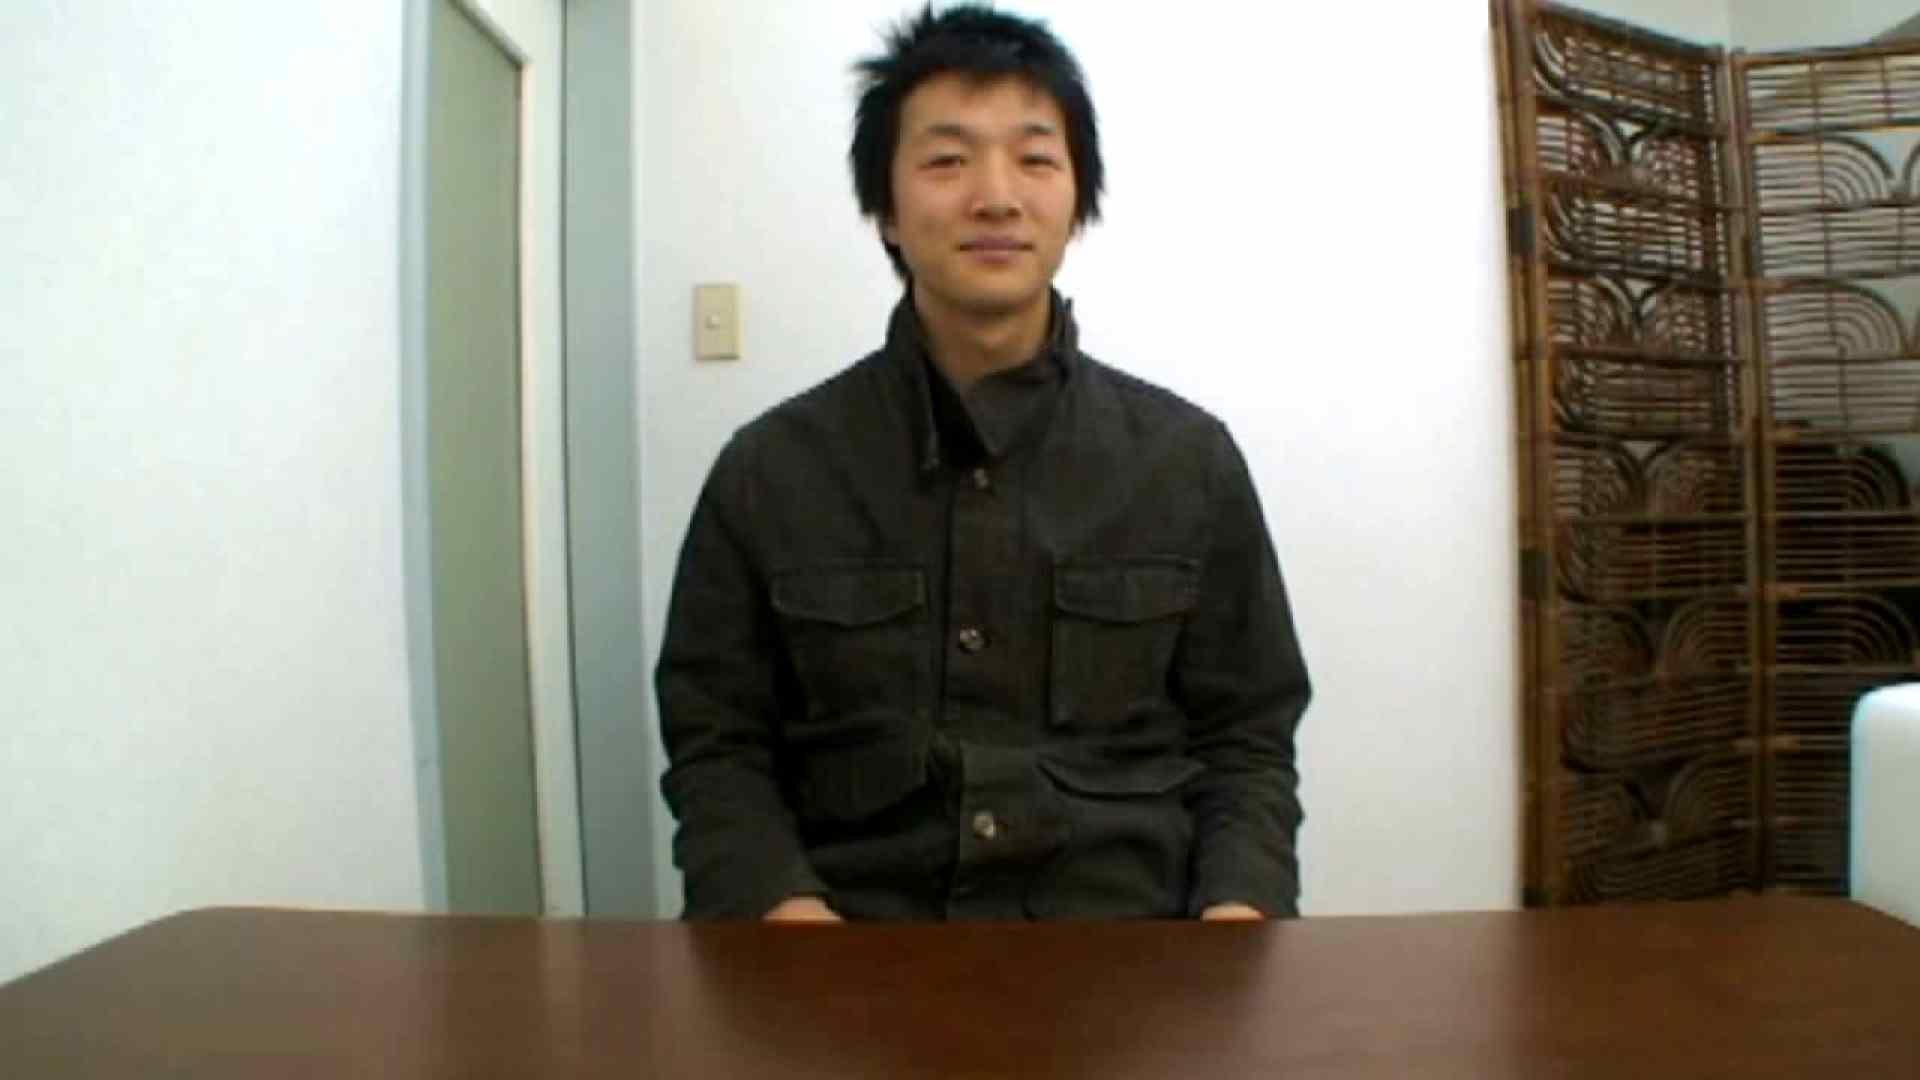 ノンケ!自慰スタジオ No.16 ゲイの自慰 ゲイセックス画像 60pic 24